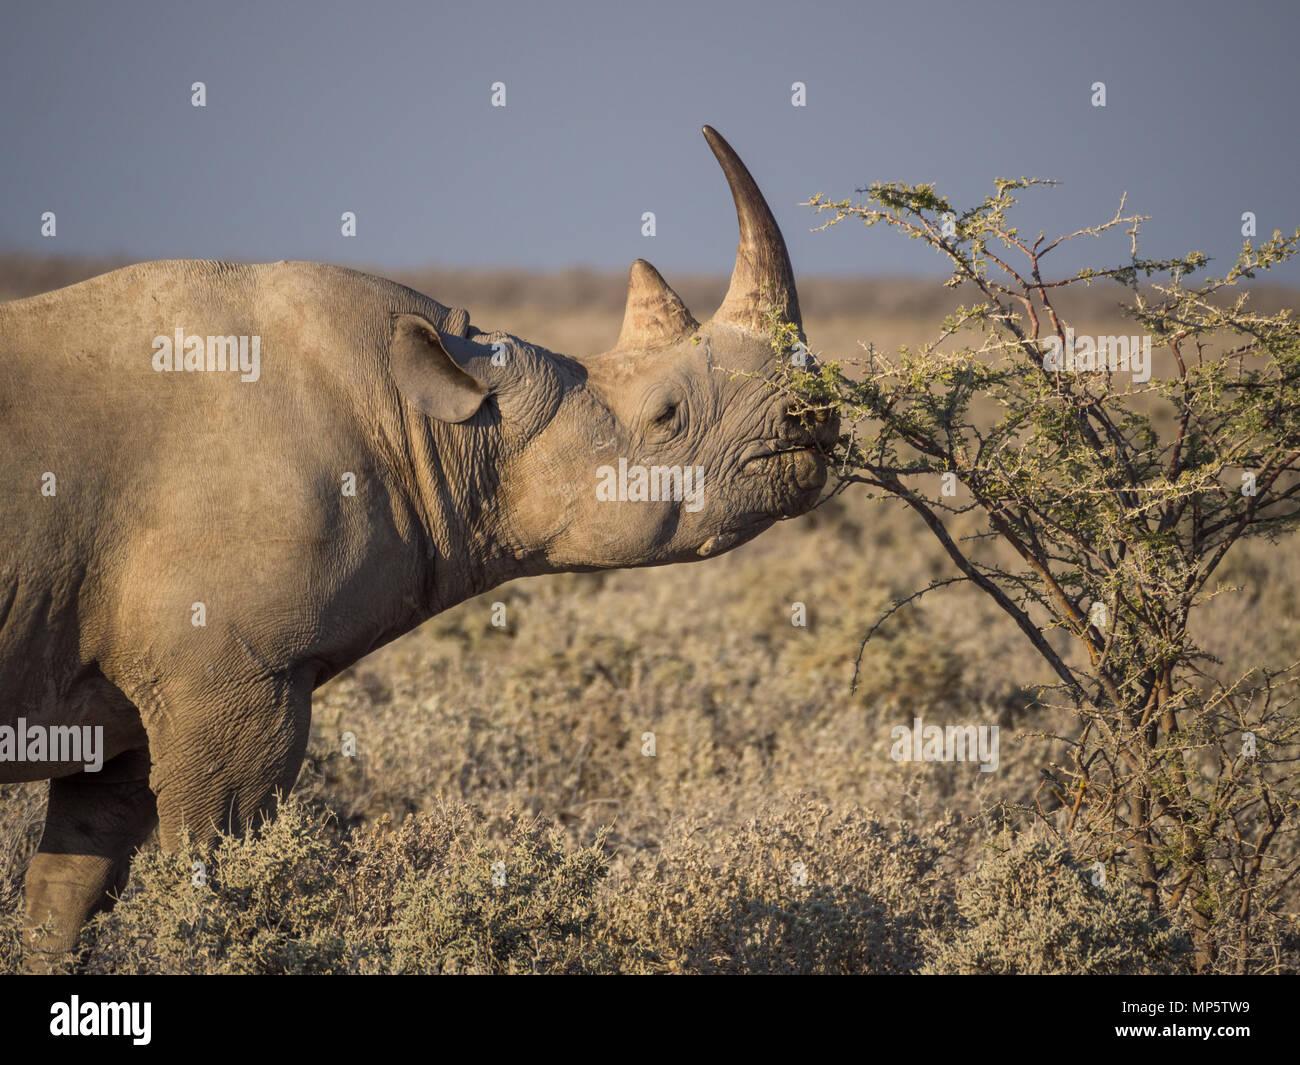 Retrato de rinocerontes negros en peligro grande alimentándose de pequeño arbusto en el Parque Nacional de Etosha, Namibia, África Imagen De Stock